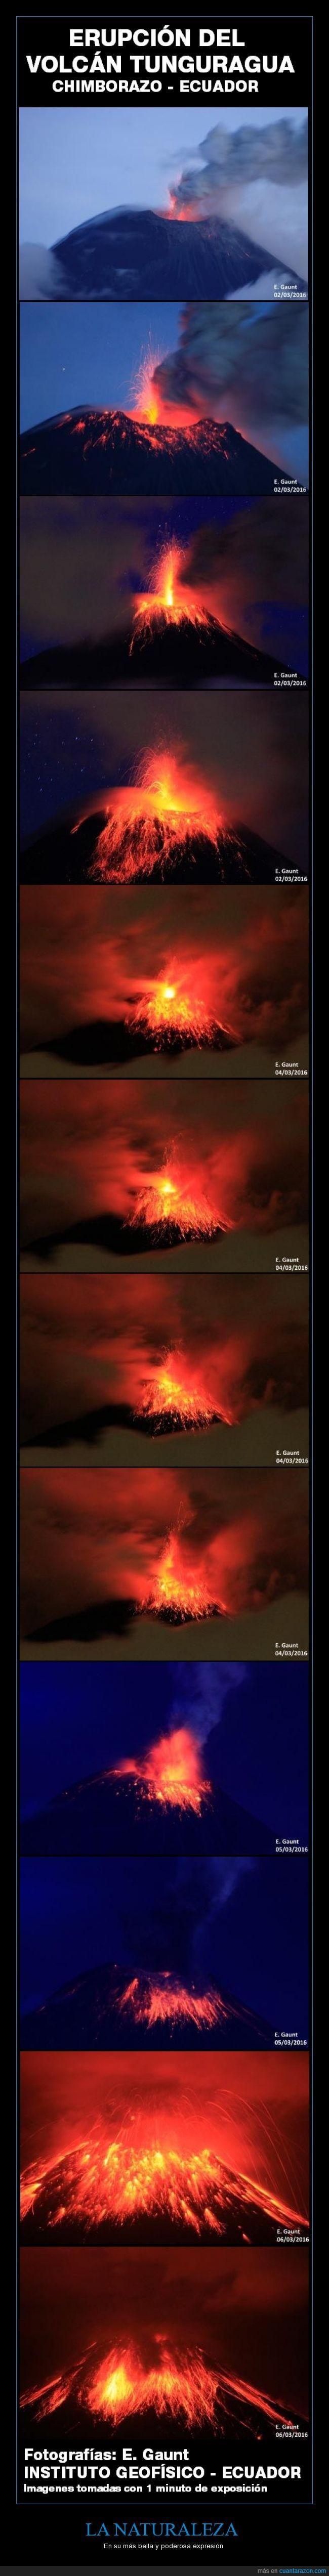 Ecuador,erupción,explosión,Tunguragua,volcán,Volcán Tunguragua